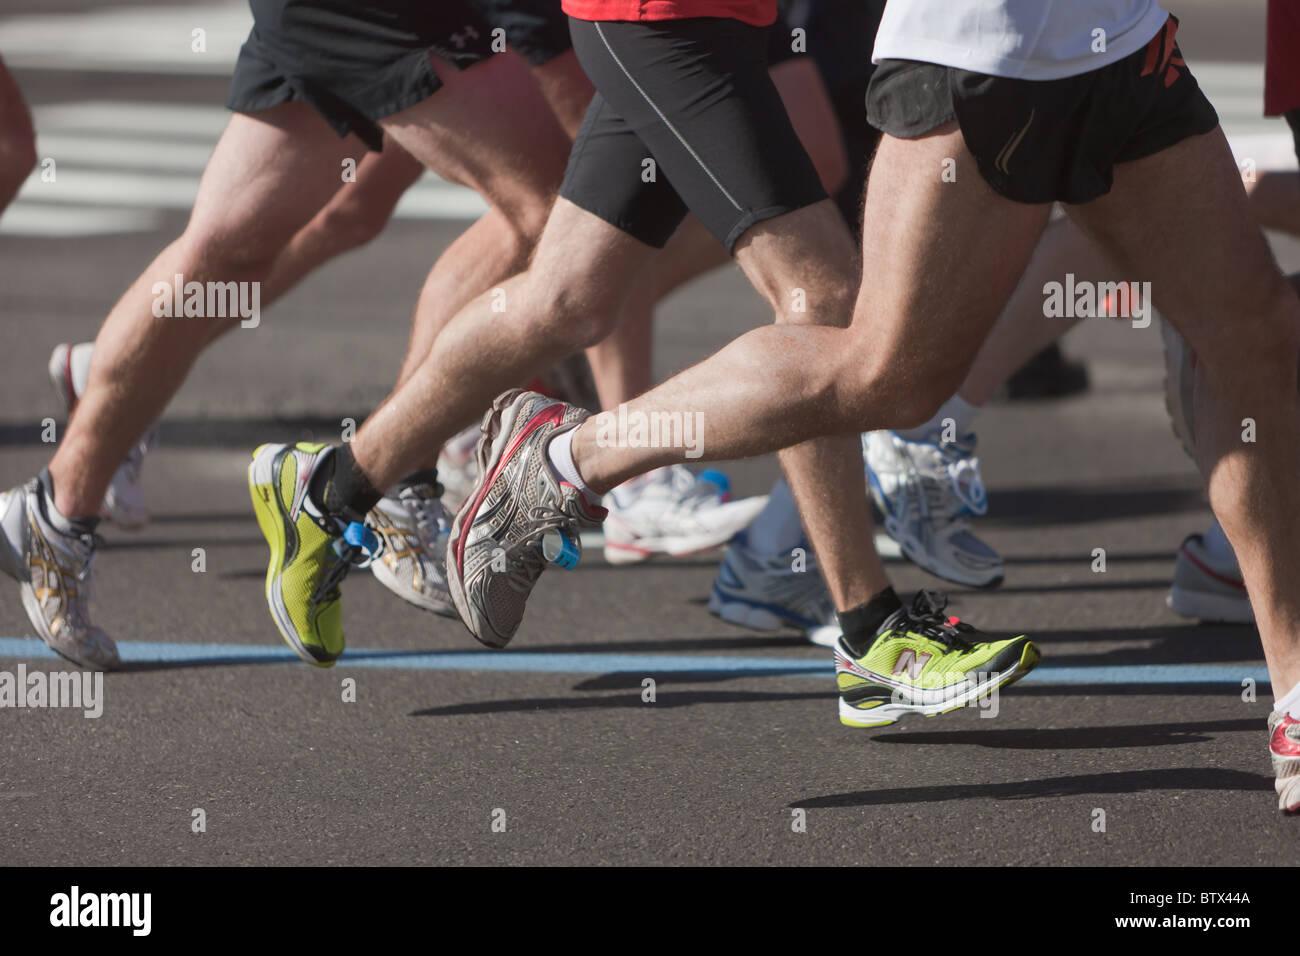 Les jambes et les pieds des coureurs pendant le marathon de New York en 2010. Photo Stock